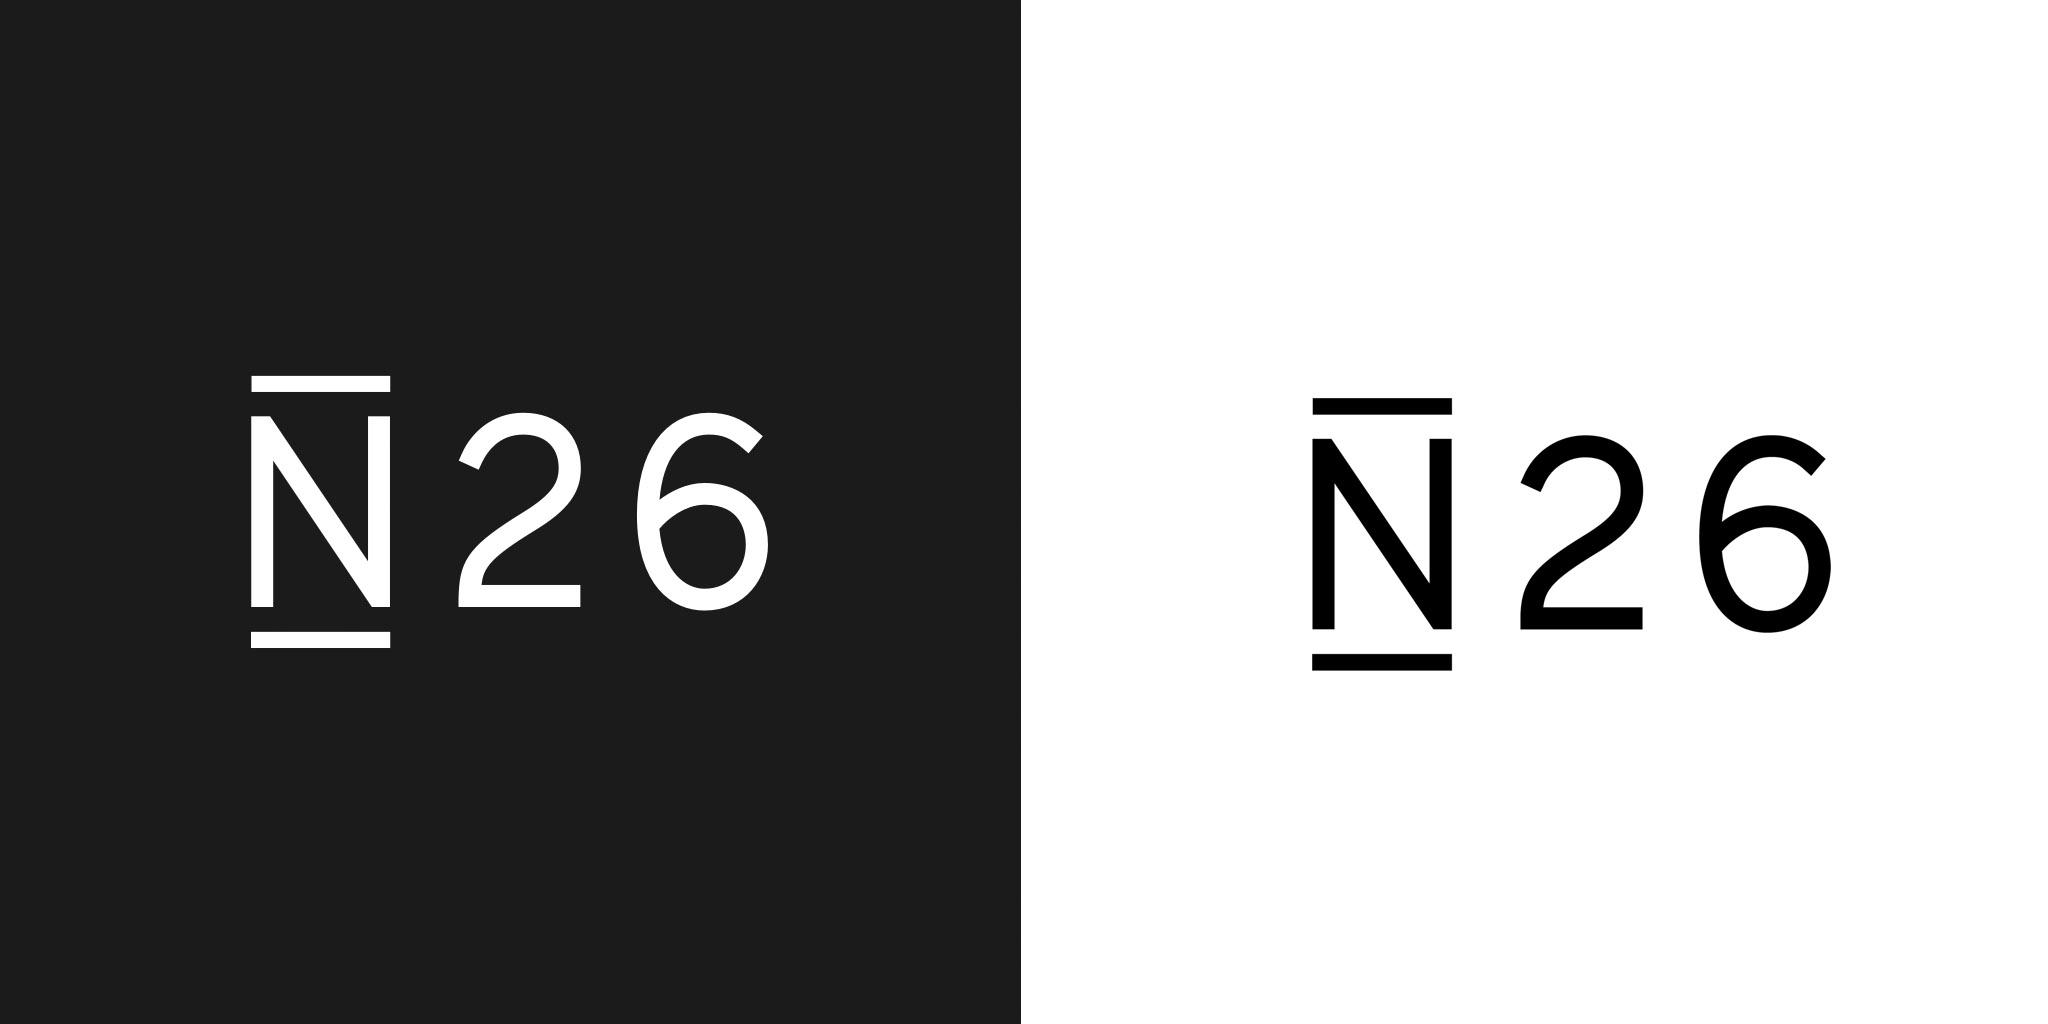 N26 avis